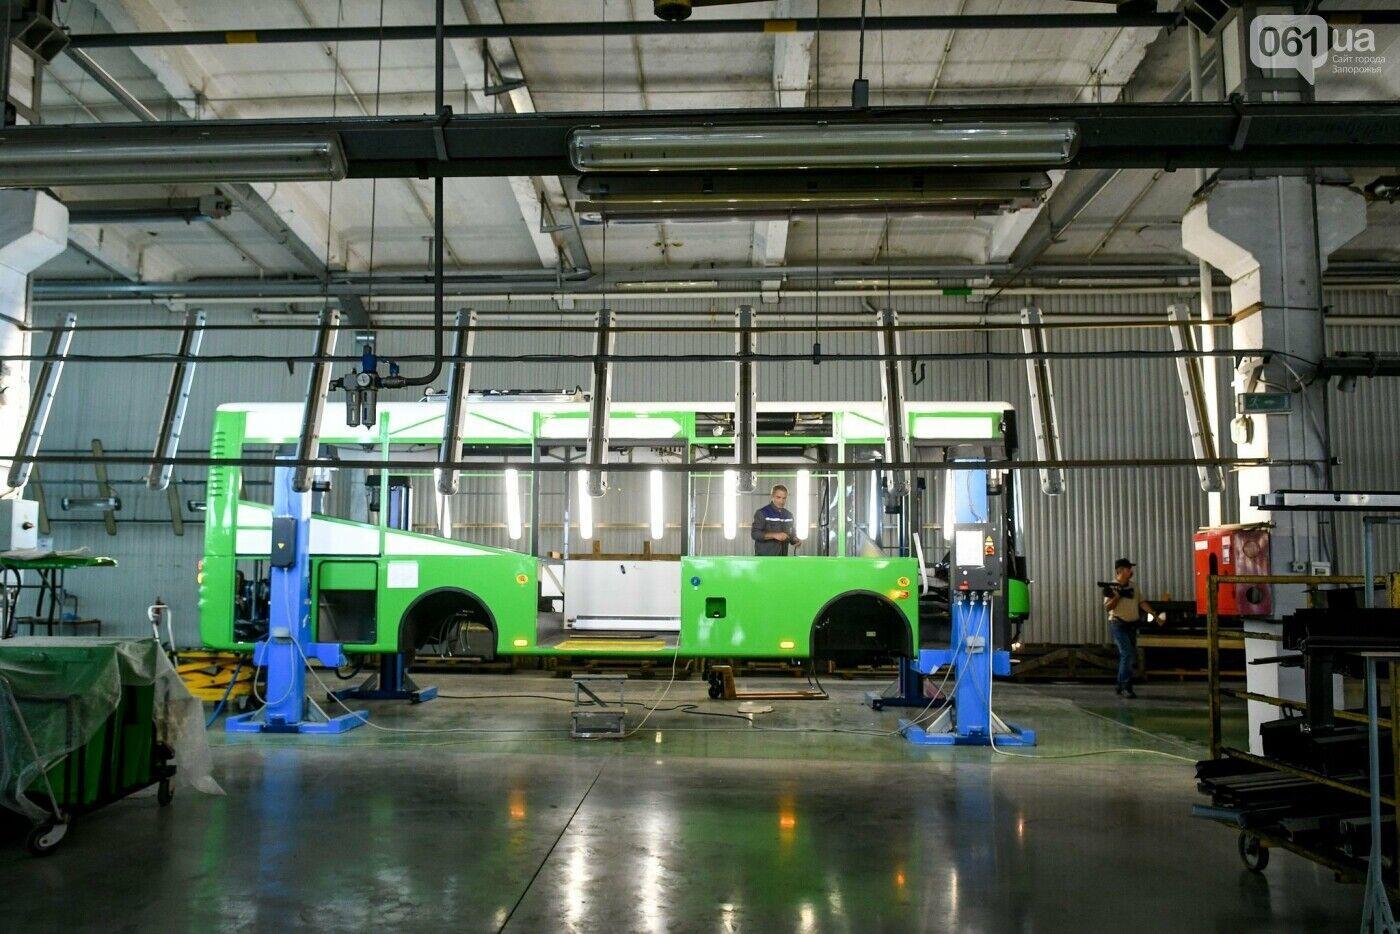 Збірка автобуса А10 для польського Ельбльонга